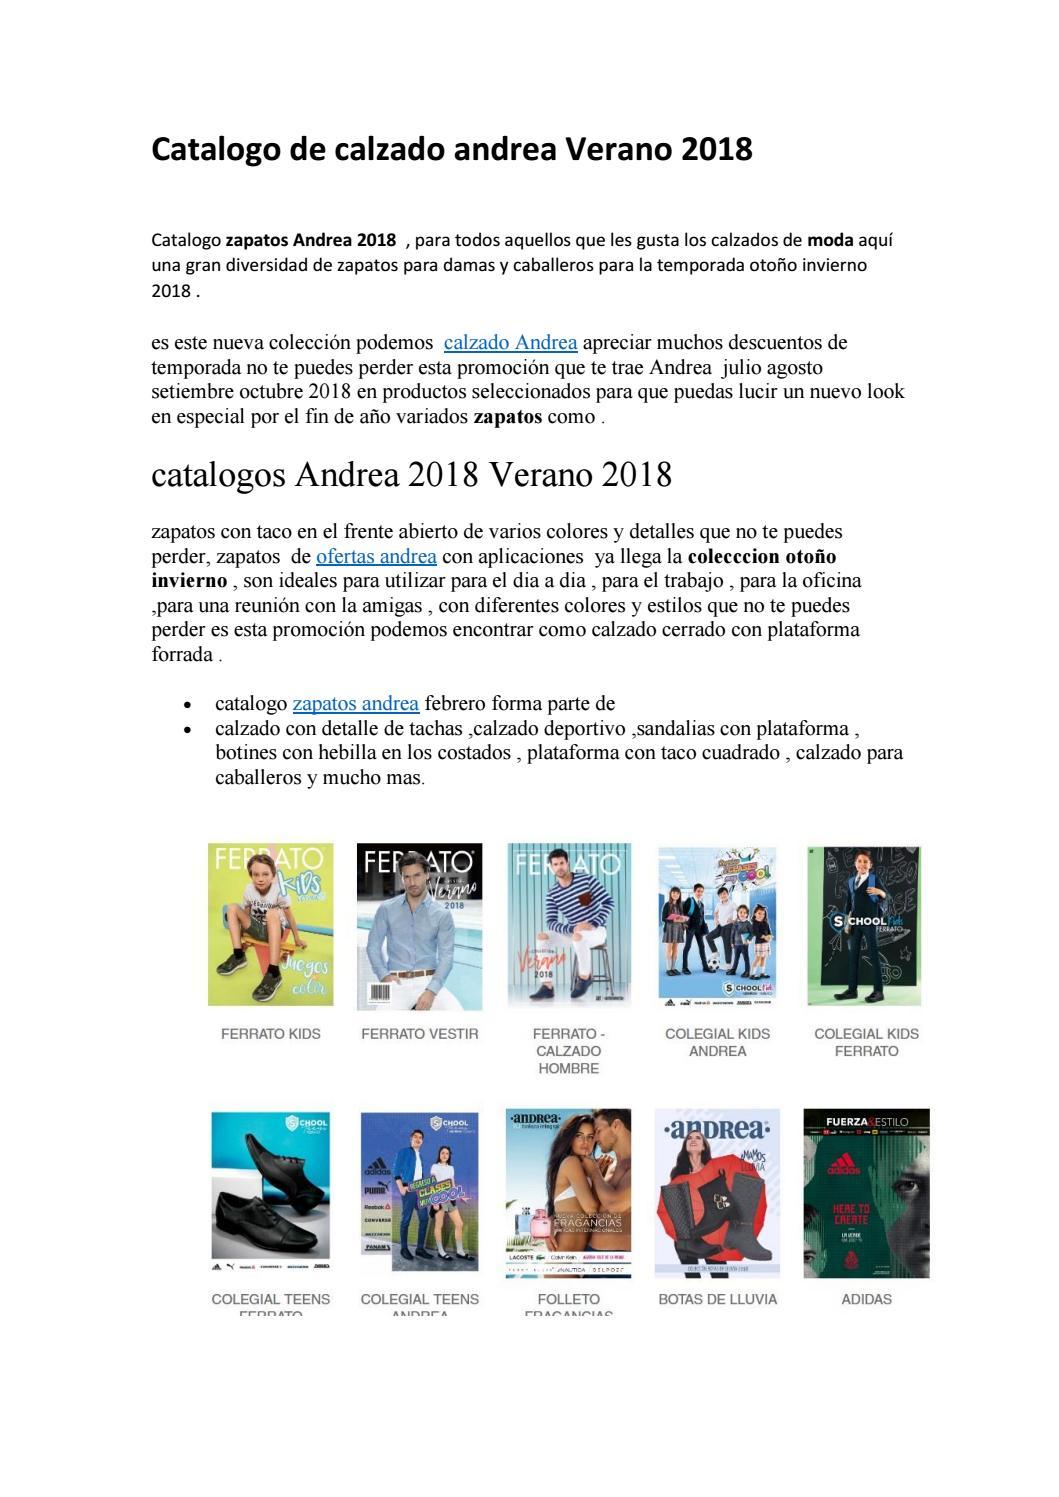 Catalogos Andrea 2018 By Catalogos Andrea Otoño Invierno 2020 Issuu